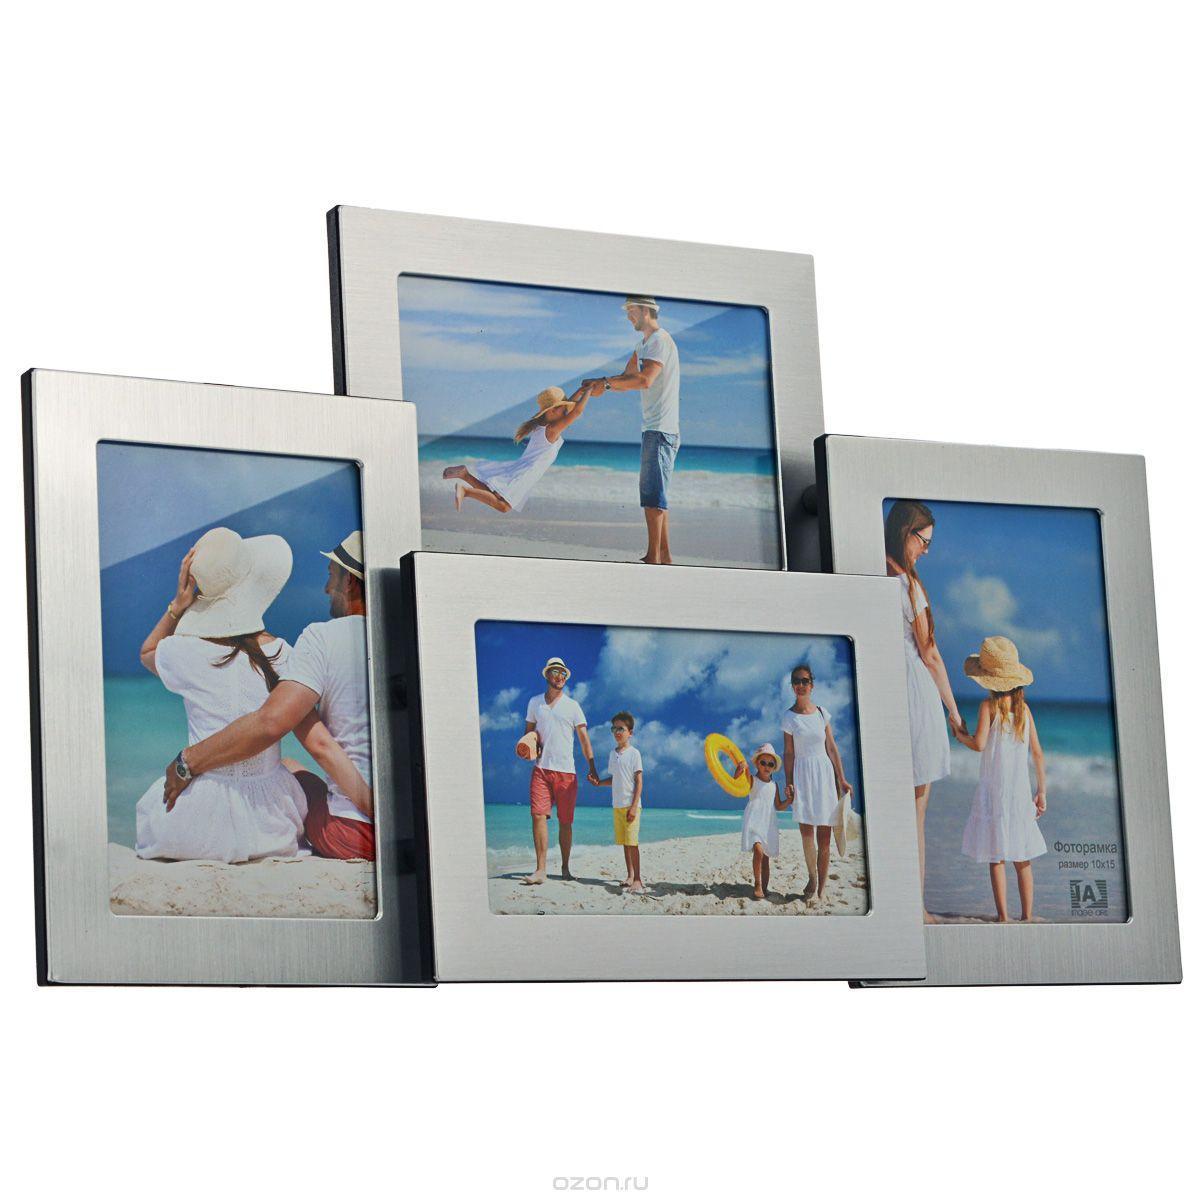 Фоторамка Image Art, цвет: серебристый, на 4 фото, 10 х 15 см 50553986926775055398692677Фоторамка-коллаж Image Art - прекрасный способ красиво оформить ваши фотографии. Изделие рассчитано на 4 фотографии. Фоторамка выполнена из алюминия и пластика и защищена стеклом. Фоторамку можно поставить на стол или подвесить на стену, для чего с задней стороны предусмотрены специальные отверстия. Такая фоторамка поможет сохранить на память самые яркие моменты вашей жизни, а стильный дизайн сделает ее прекрасным дополнением интерьера.